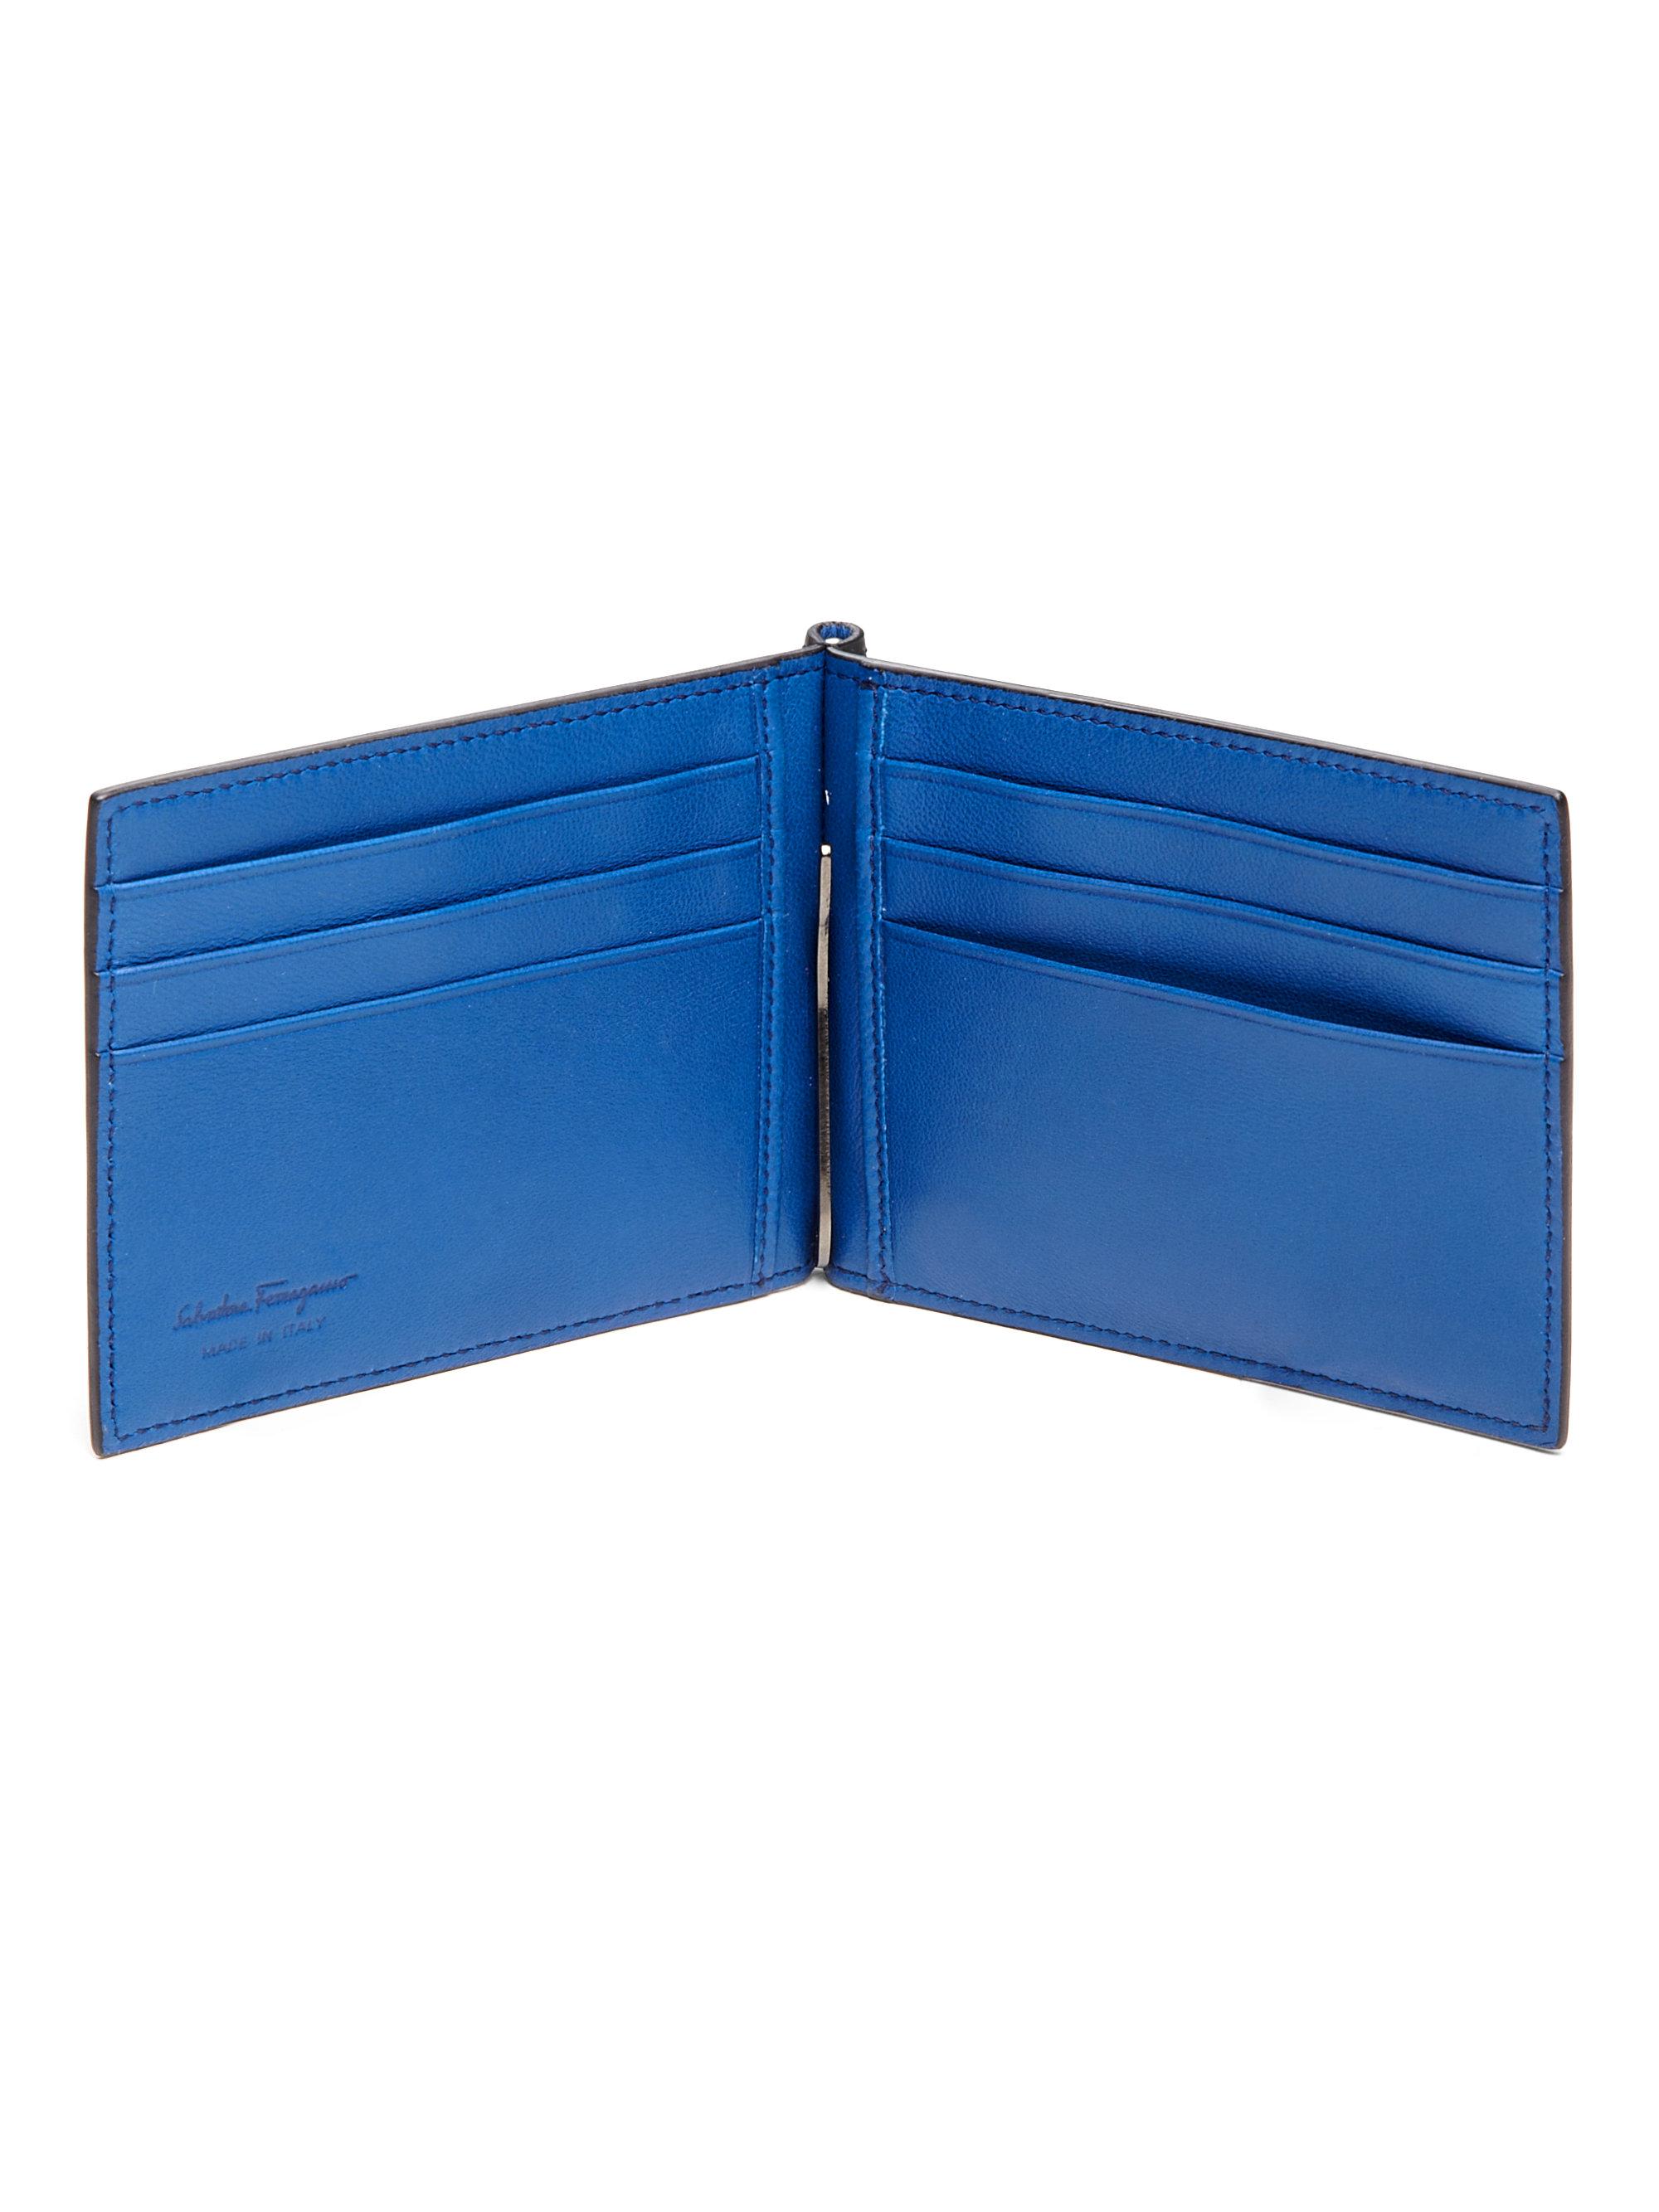 Ferragamo Leather Money Clip Wallet In Blue For Men Lyst